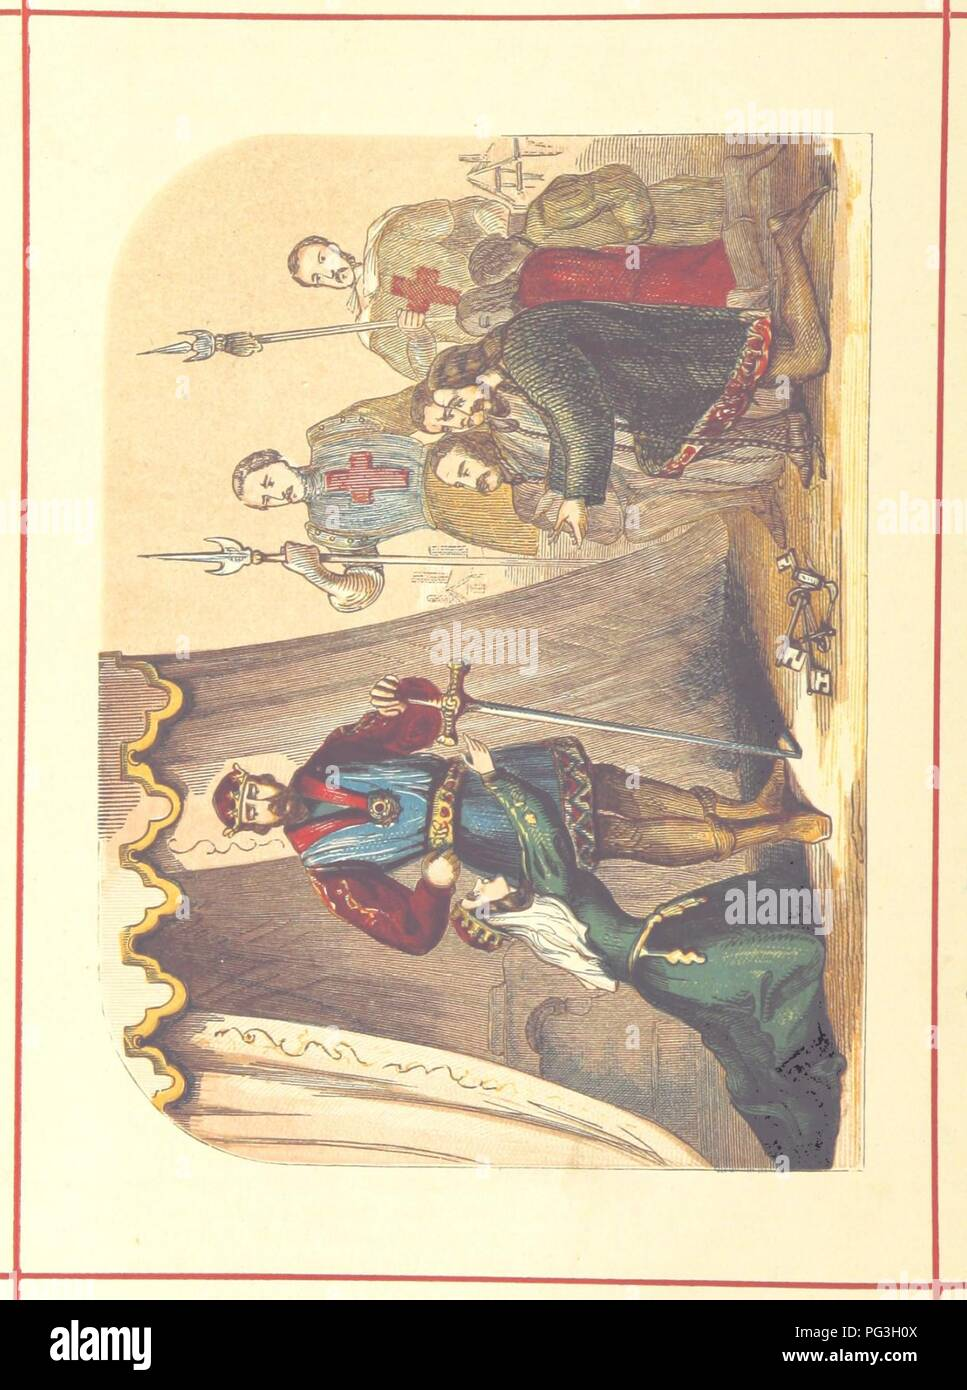 Image  from page 316 of 'Hanes Prydain Fawr o'r cyfnod boreuaf hyd yr amser presenol, etc. [With plates.]' . - Stock Image